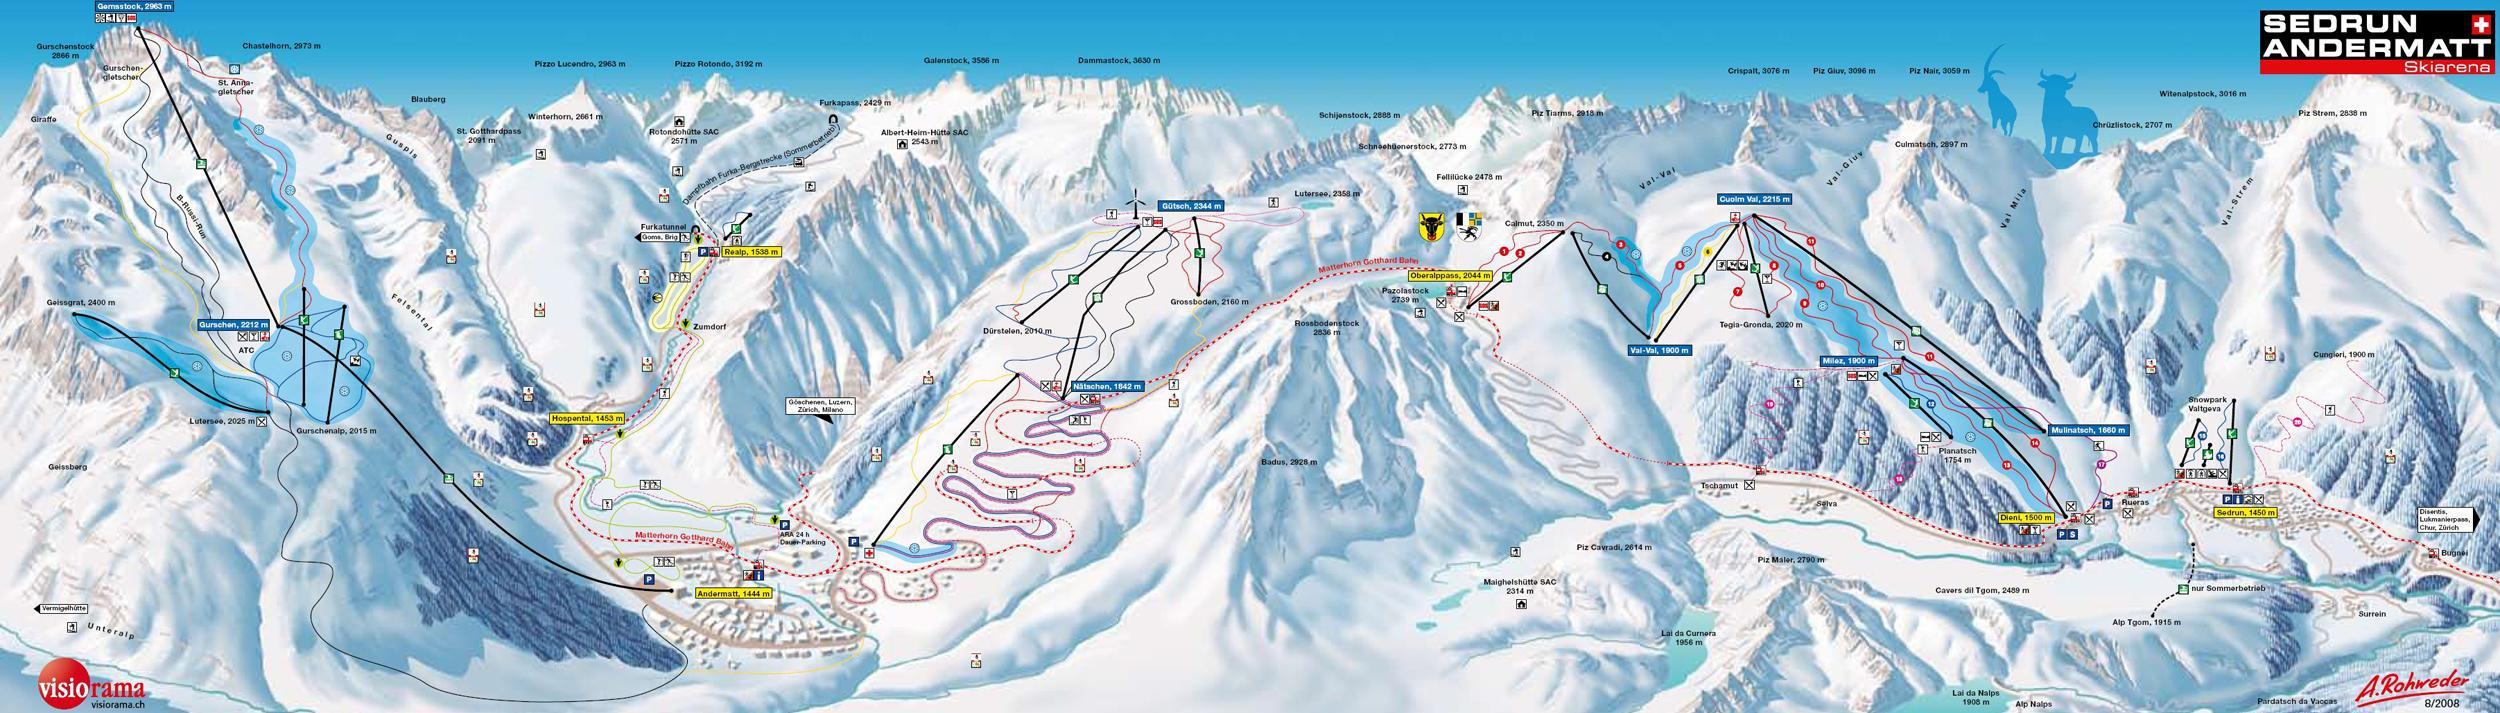 andermatt_ski_map